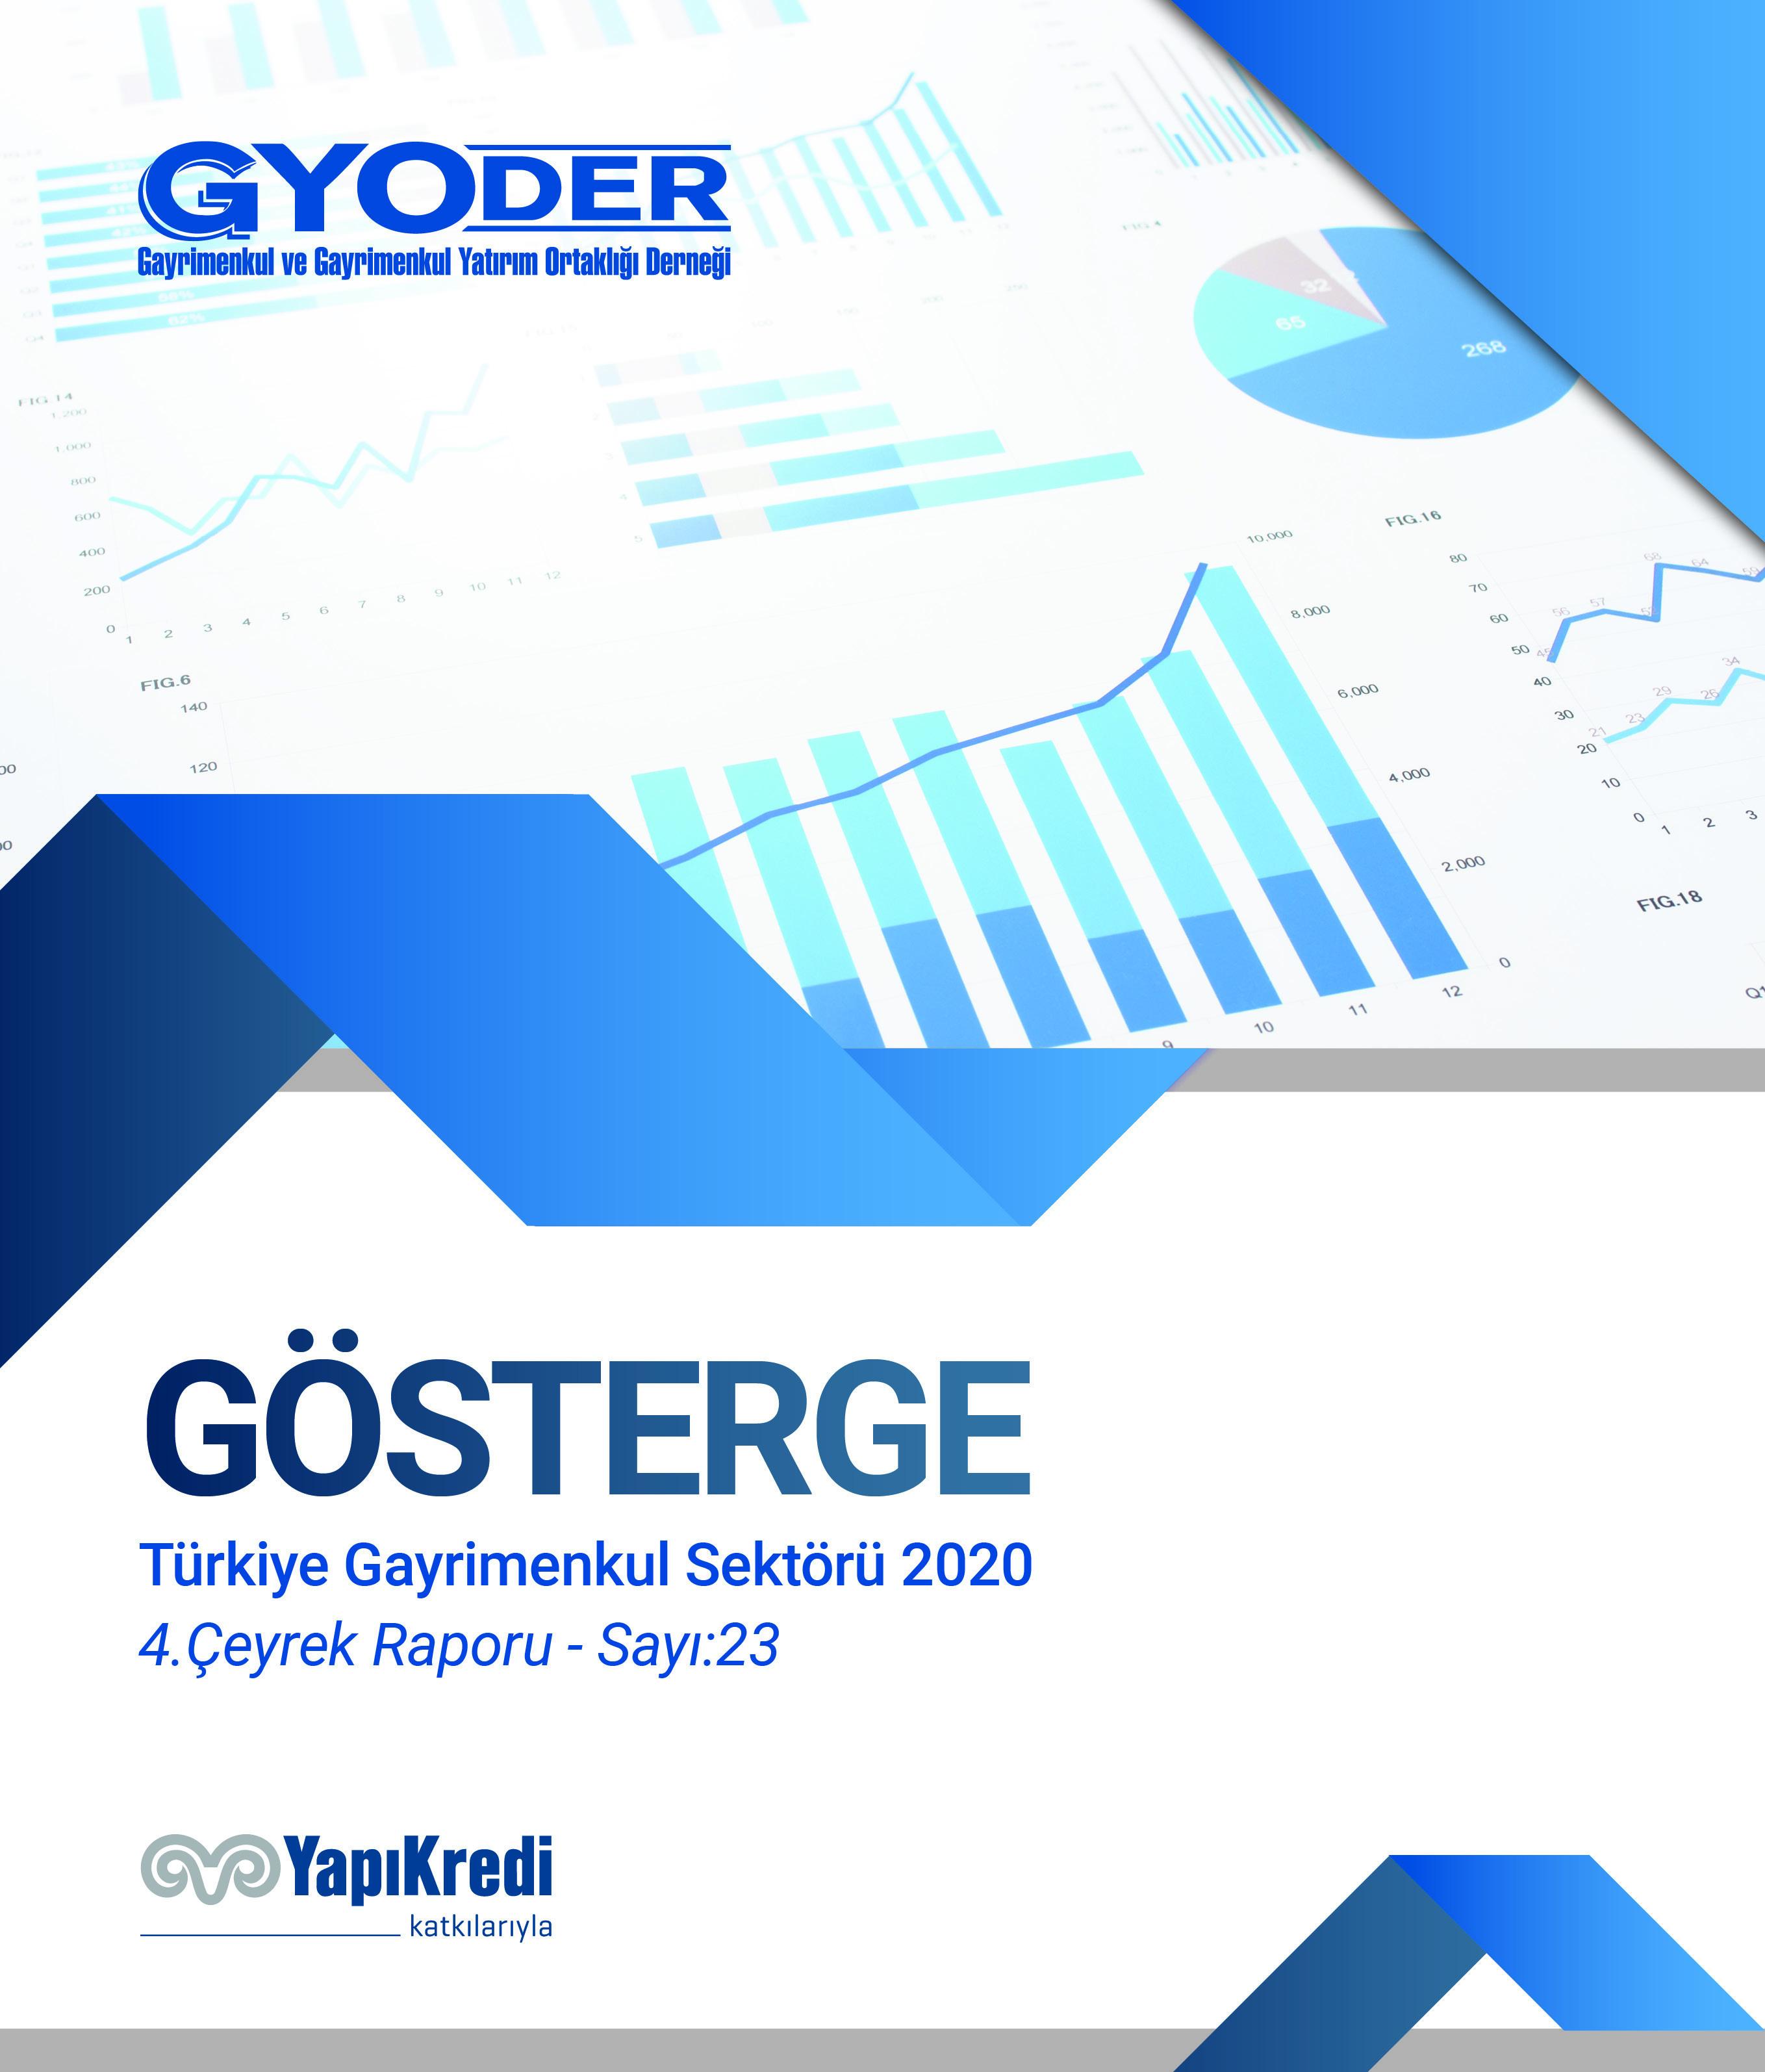 GYODER Gösterge 2020 Yılı Türkiye Gayrimenkul Sektörü 4. Çeyrek Raporu